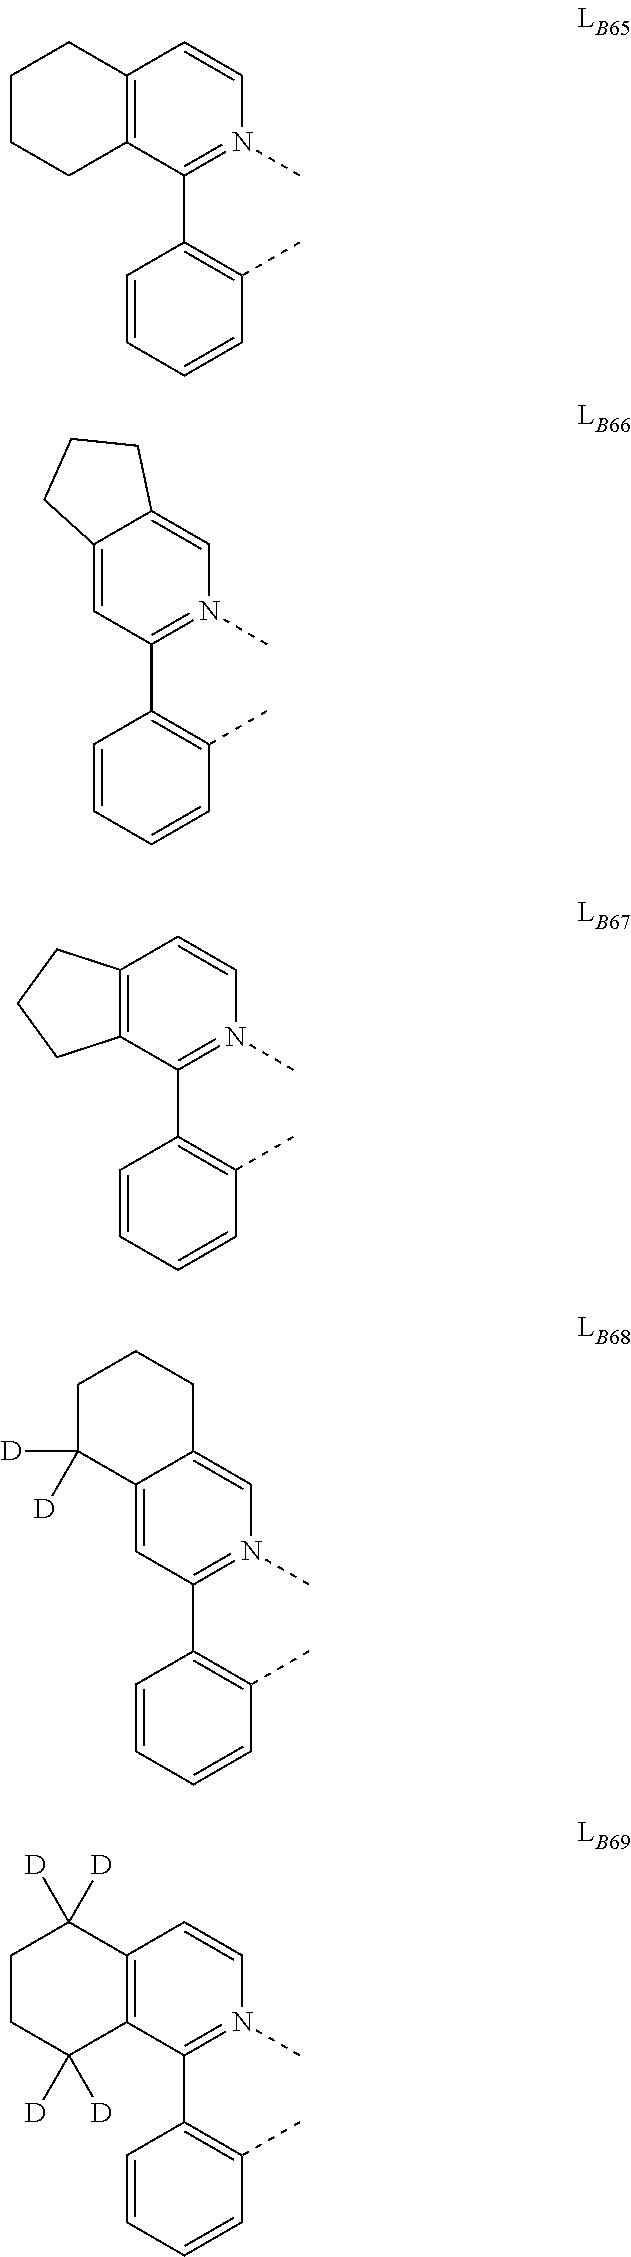 Figure US20180130962A1-20180510-C00078